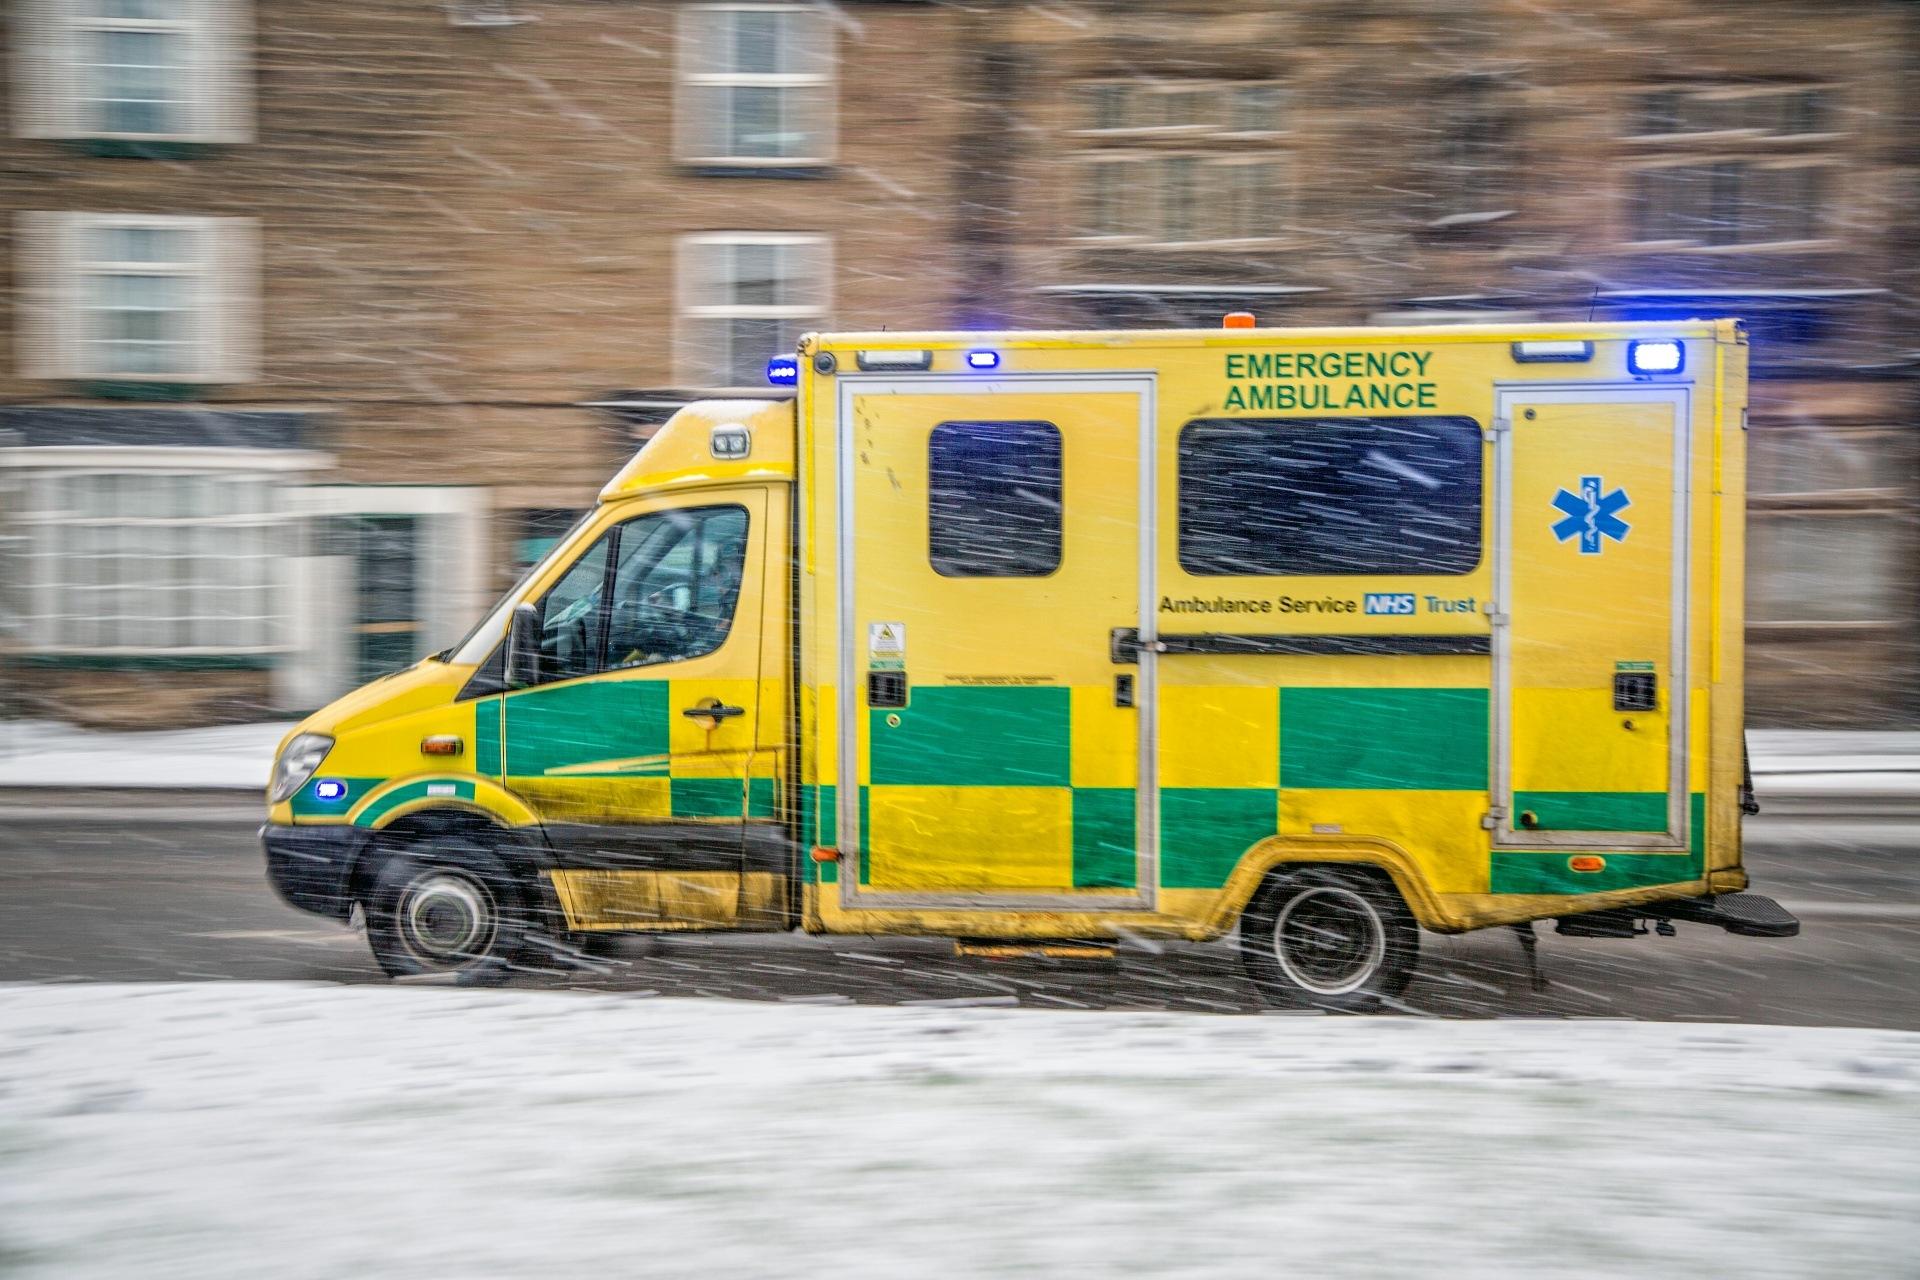 Emergencia en vivo | Reino Unido - NHS en crisis. ¿Cuál es la opinión de primera línea? ¿Cómo se puede mejorar la situación? imagen 3